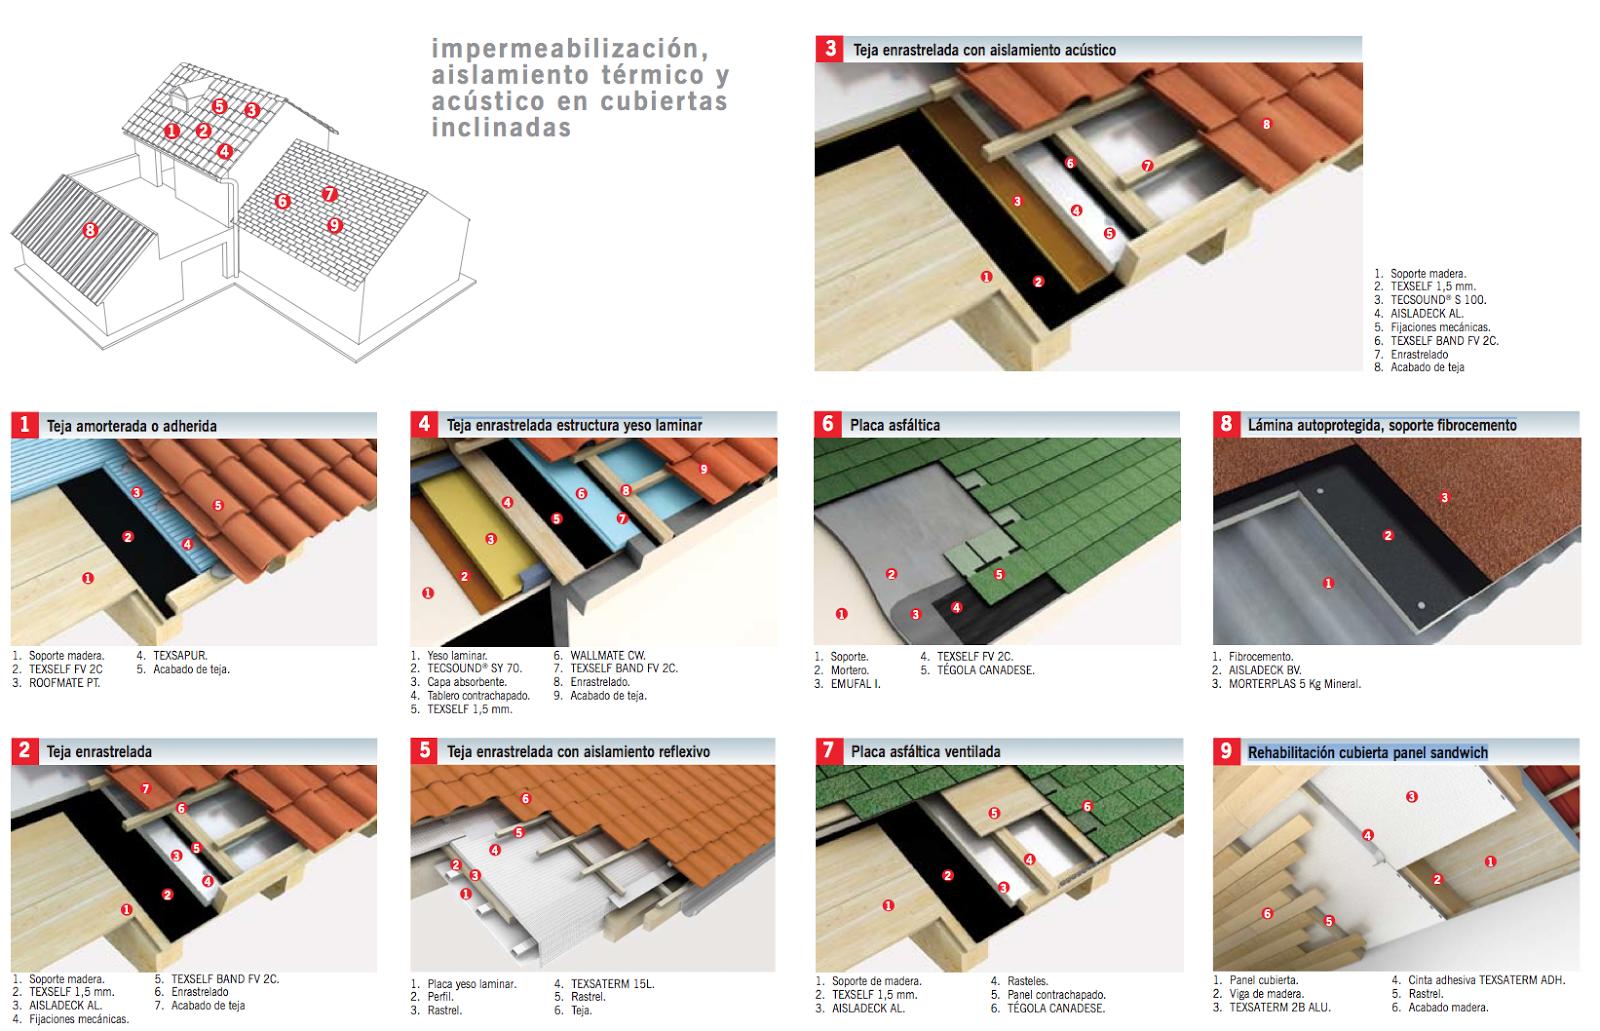 Decorar cuartos con manualidades tejado aislamiento for Aislamiento tejados tipos